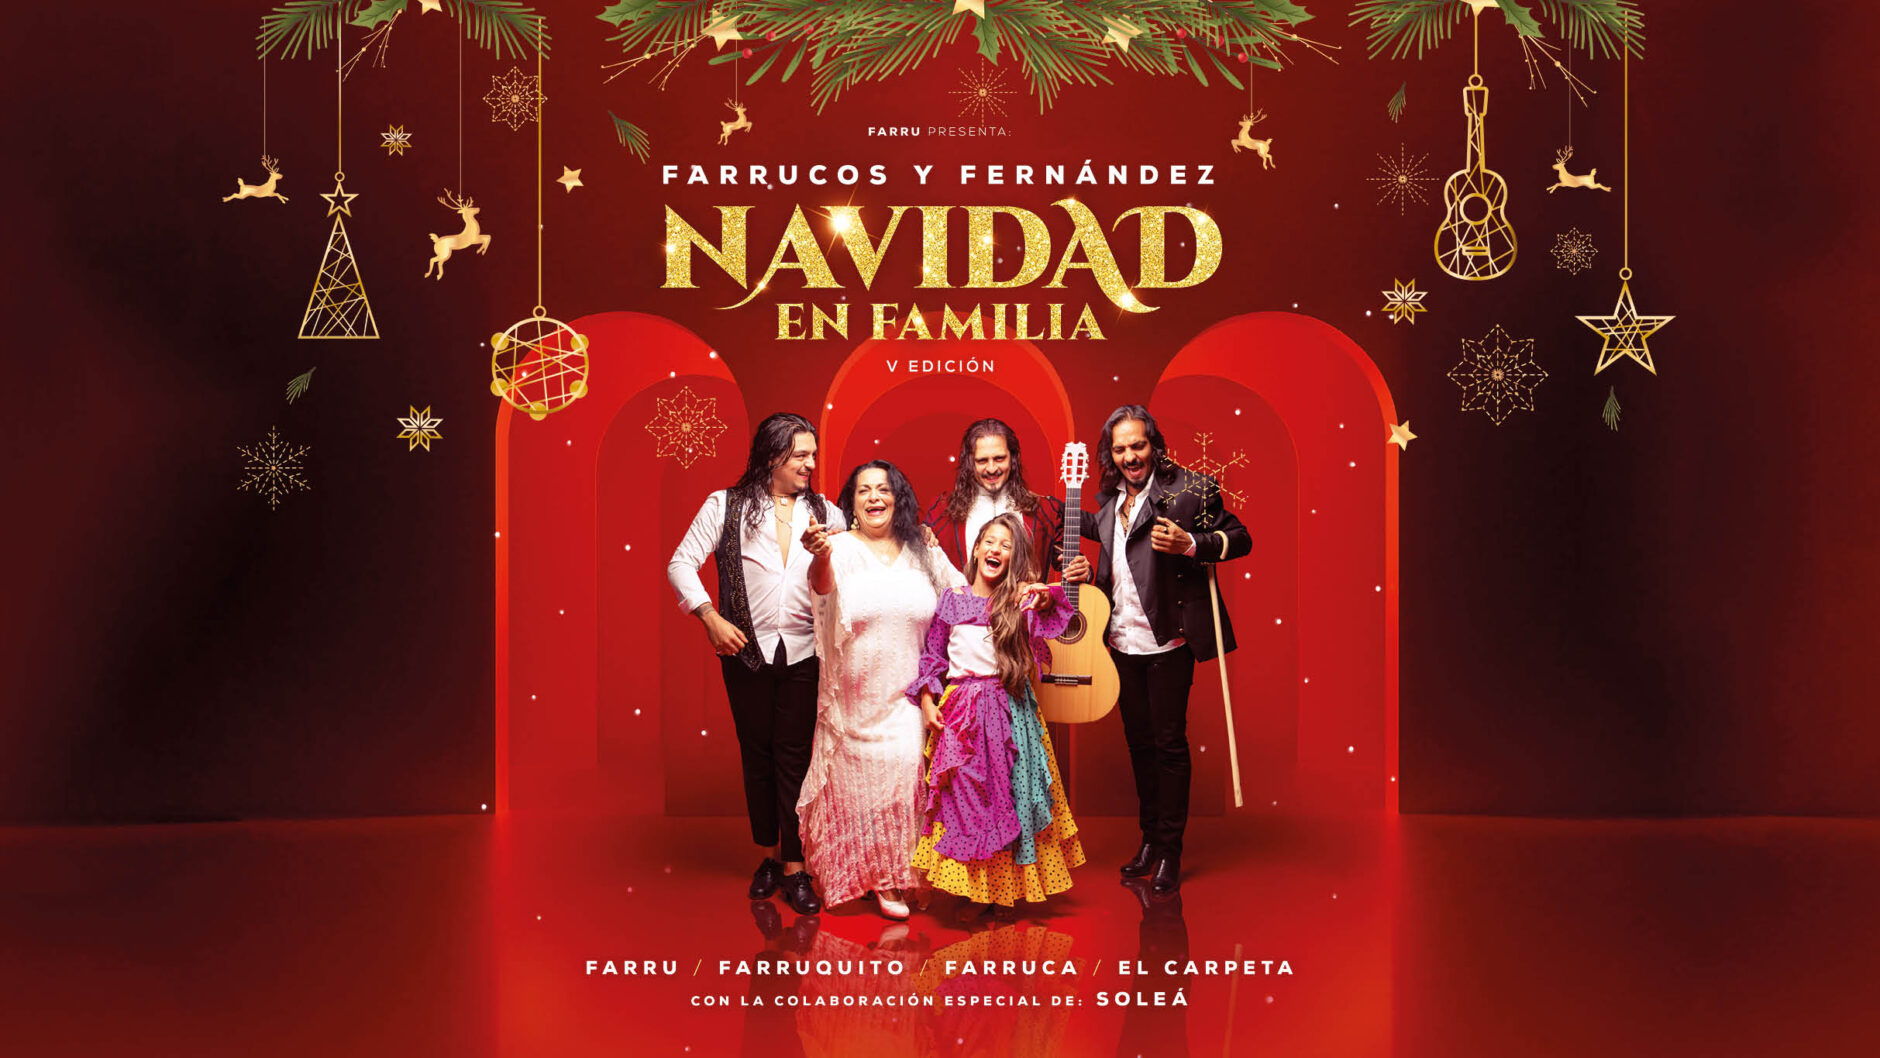 Navidad en Familia 'Un cuento de navidad' - Farrucos y Fernández 7